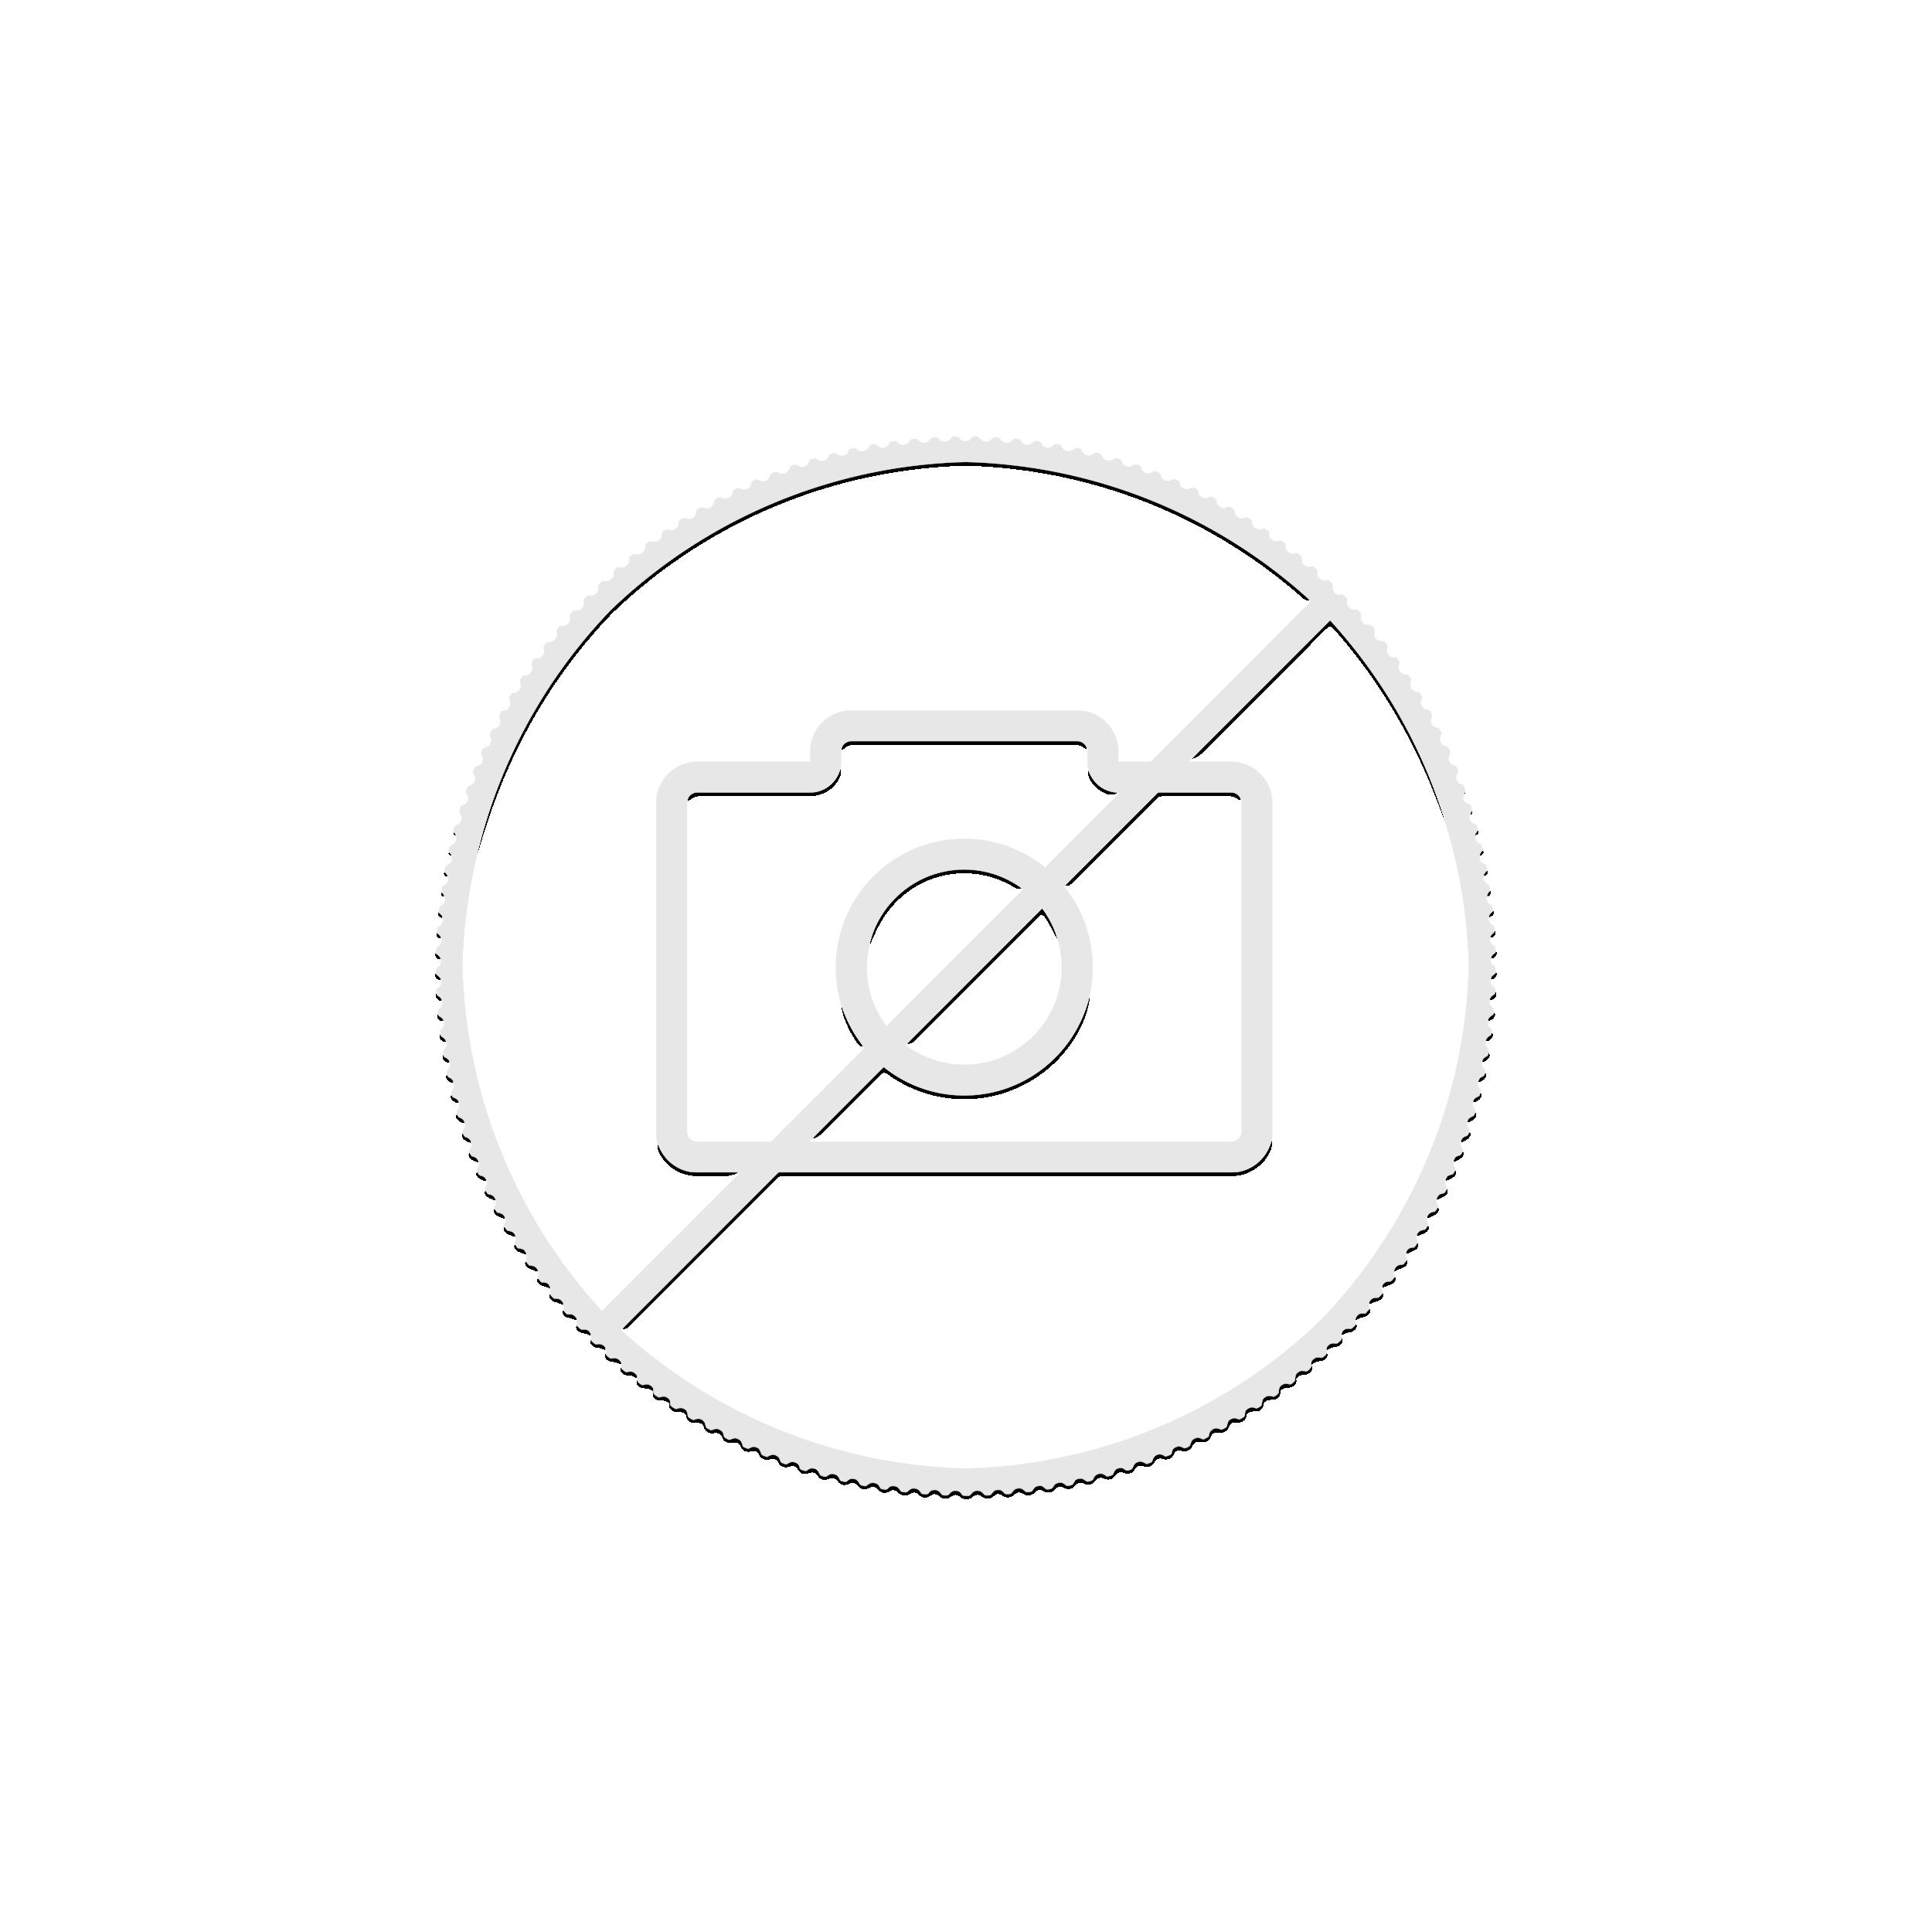 1 Troy ounce silver coin Kookaburra 2017